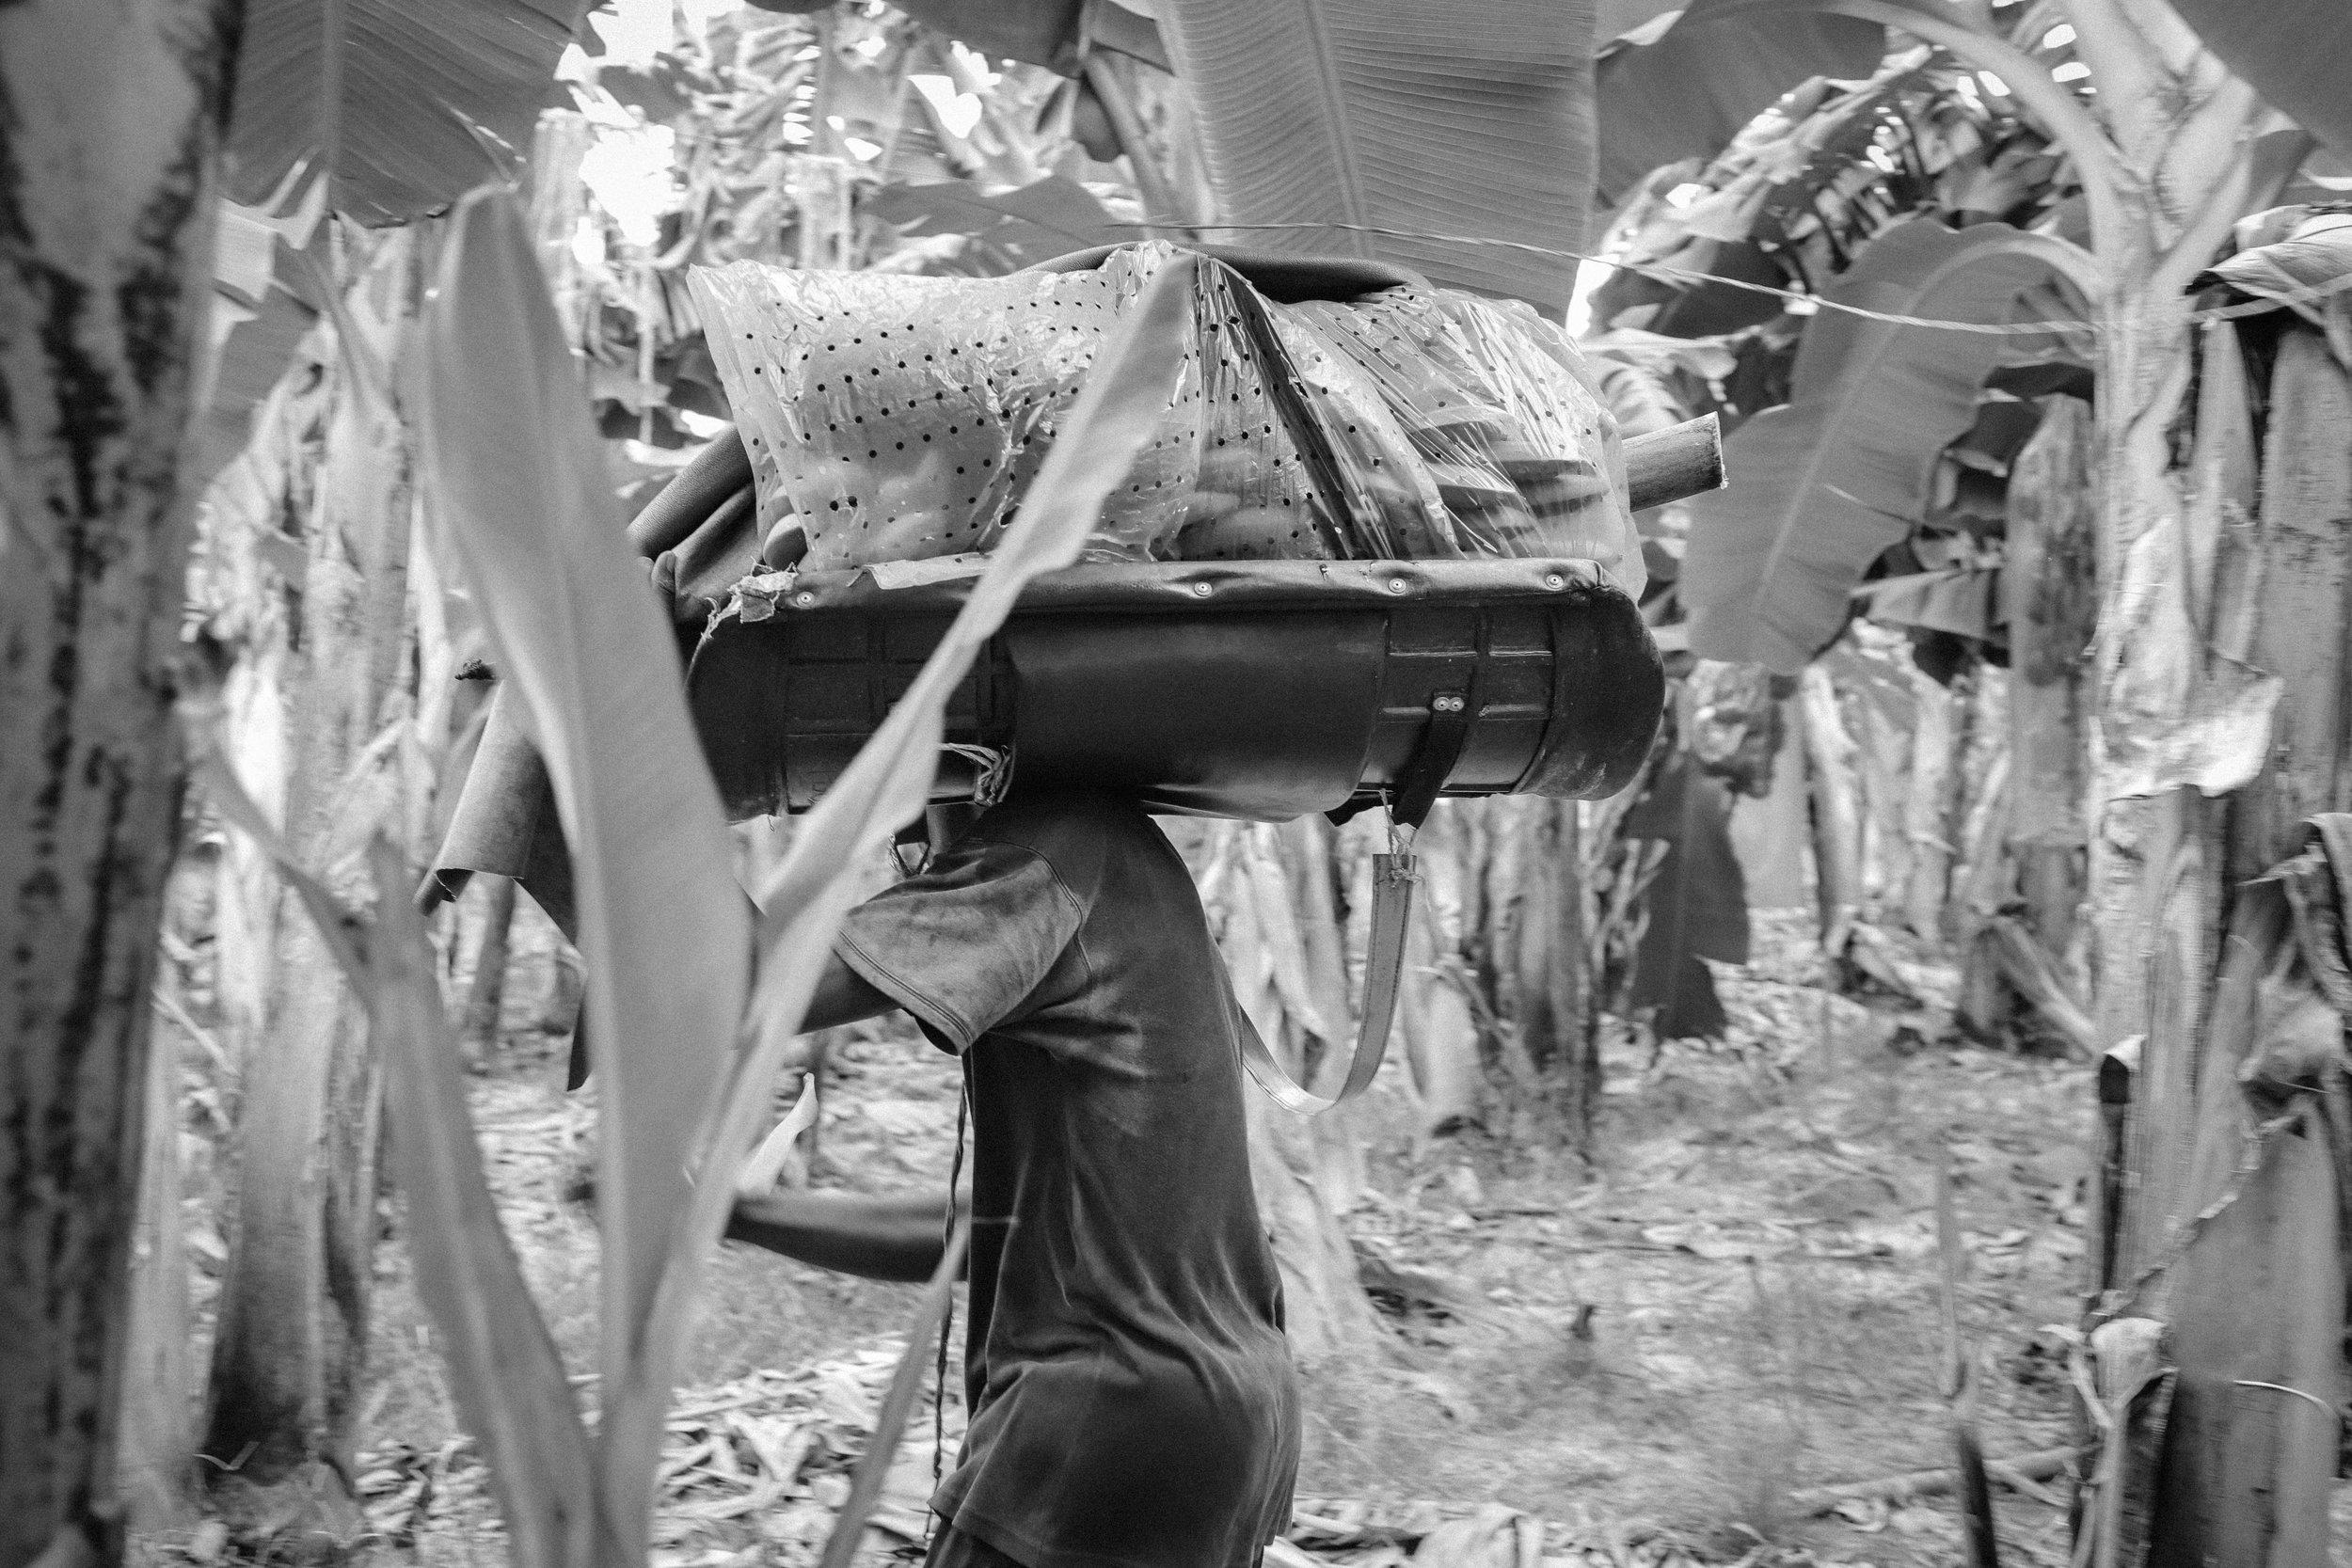 Después de nueve meses, se cosechan los plátanos cuando aun están verdes. En total puede producir unos 300 a 450 frutos por espiga, pesando más de 50 kg.   After nine months, bananas are harvested when they are still green. In total it can produce about 300 to 450 fruits per spike, weighing more than 50 kg.